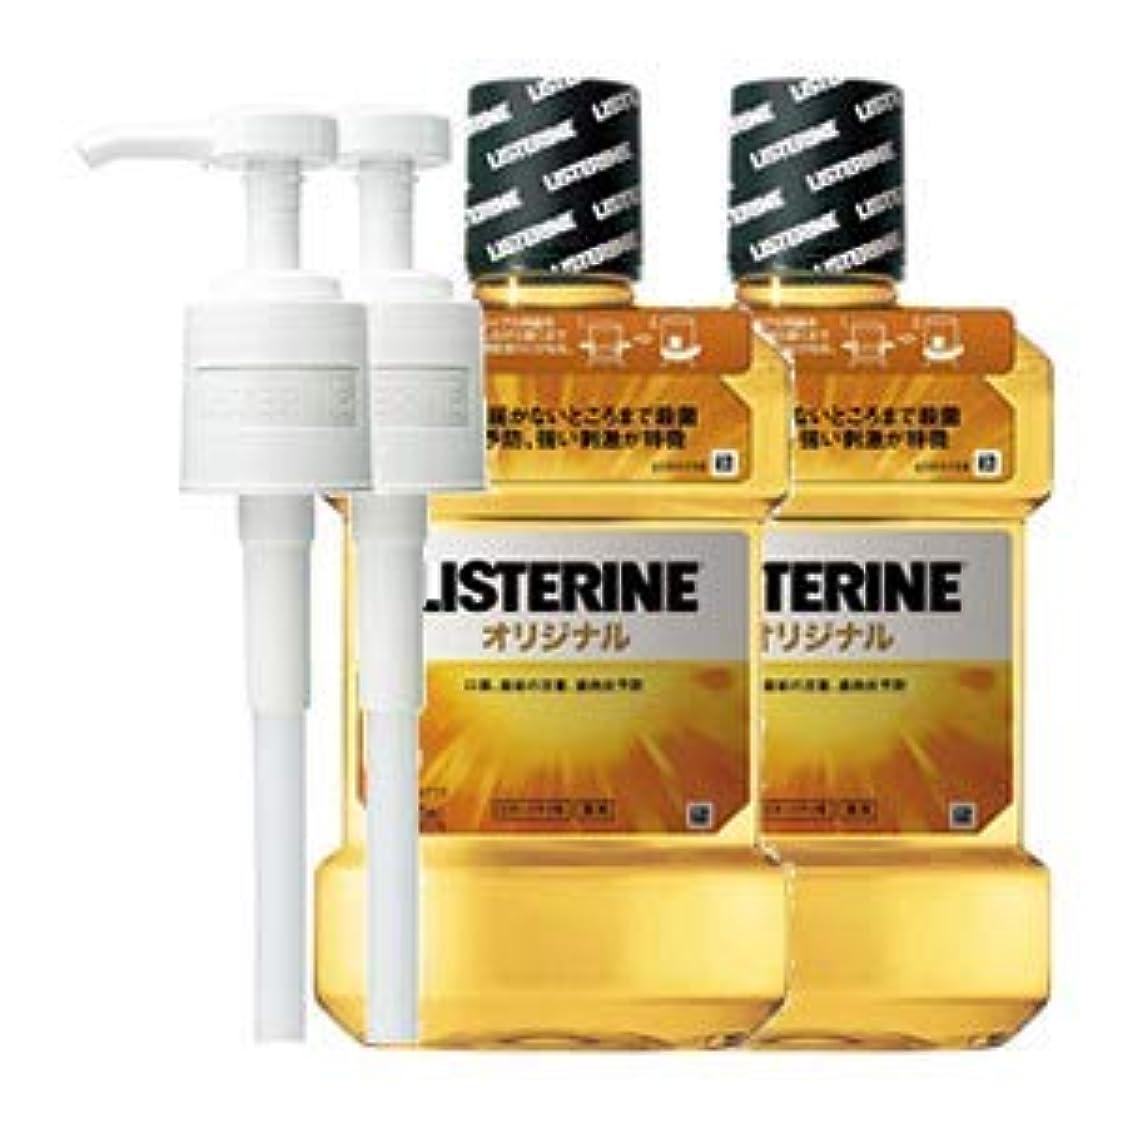 あなたが良くなりますハイブリッド個人薬用リステリン オリジナル (マウスウォッシュ/洗口液) 1000mL 2点セット (ポンプ付)